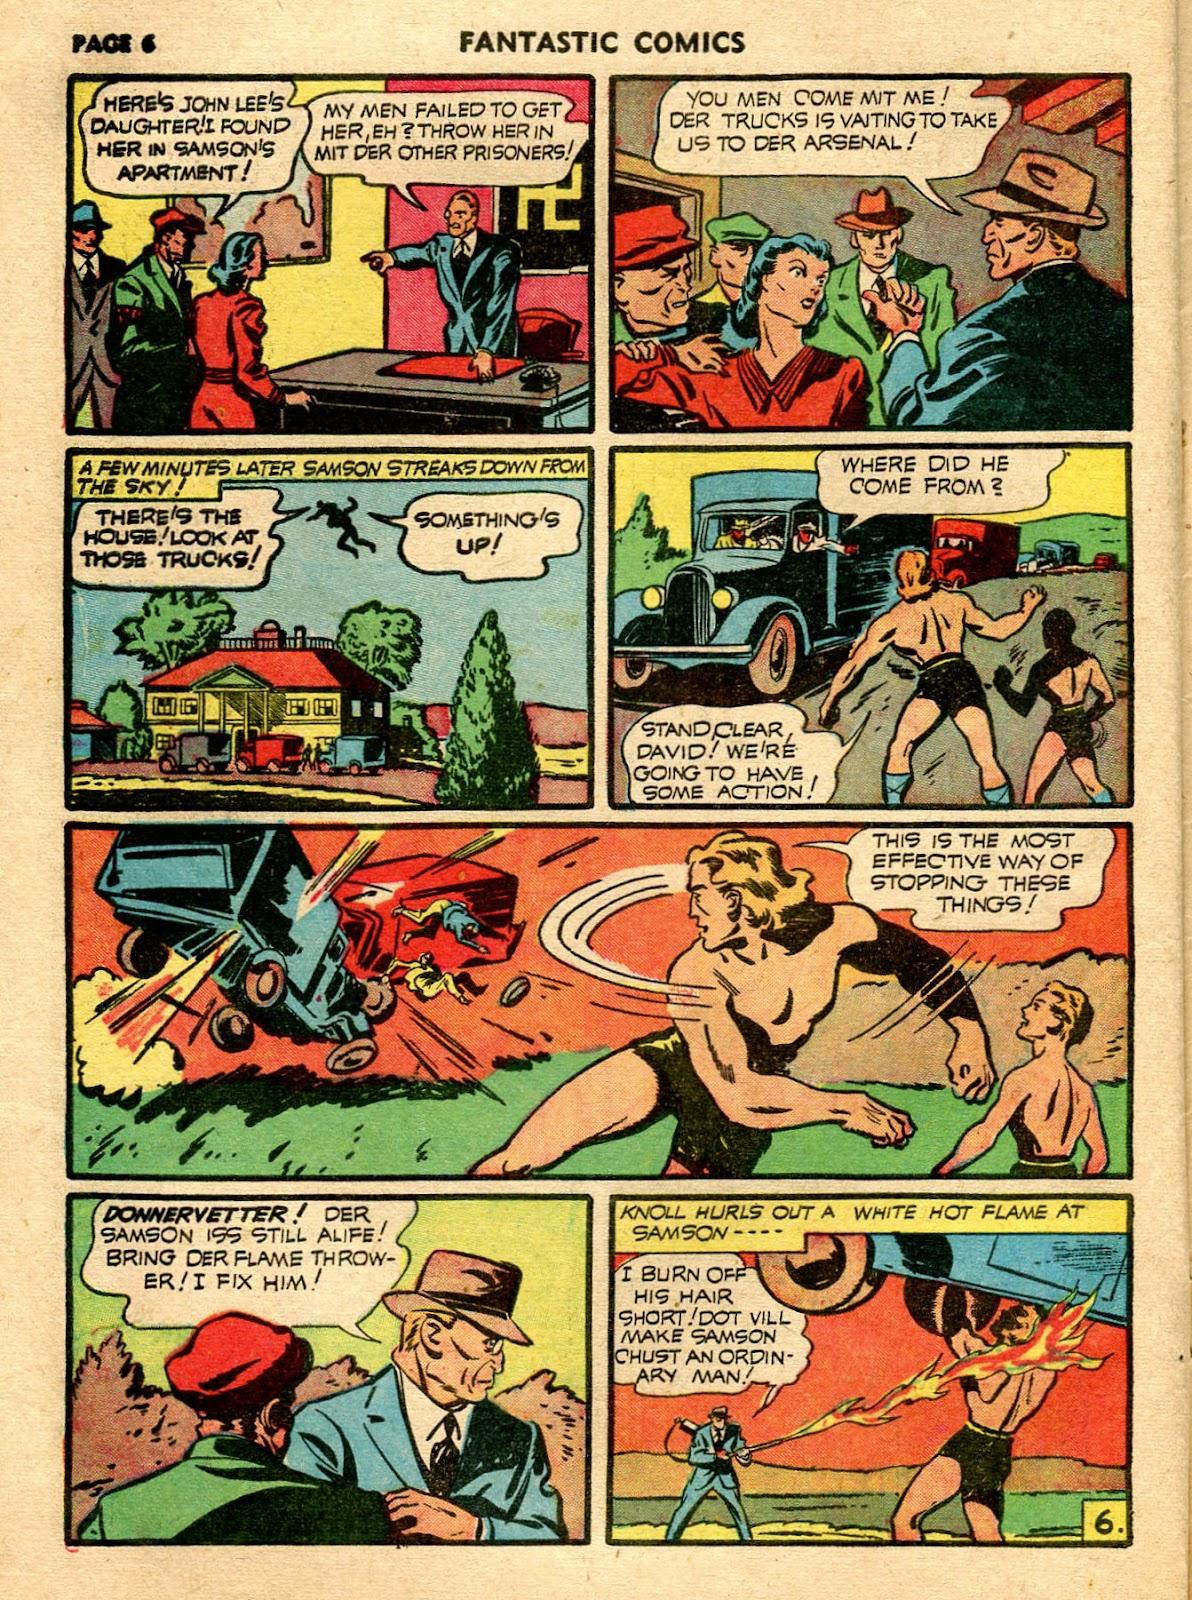 Read online Fantastic Comics comic -  Issue #21 - 8